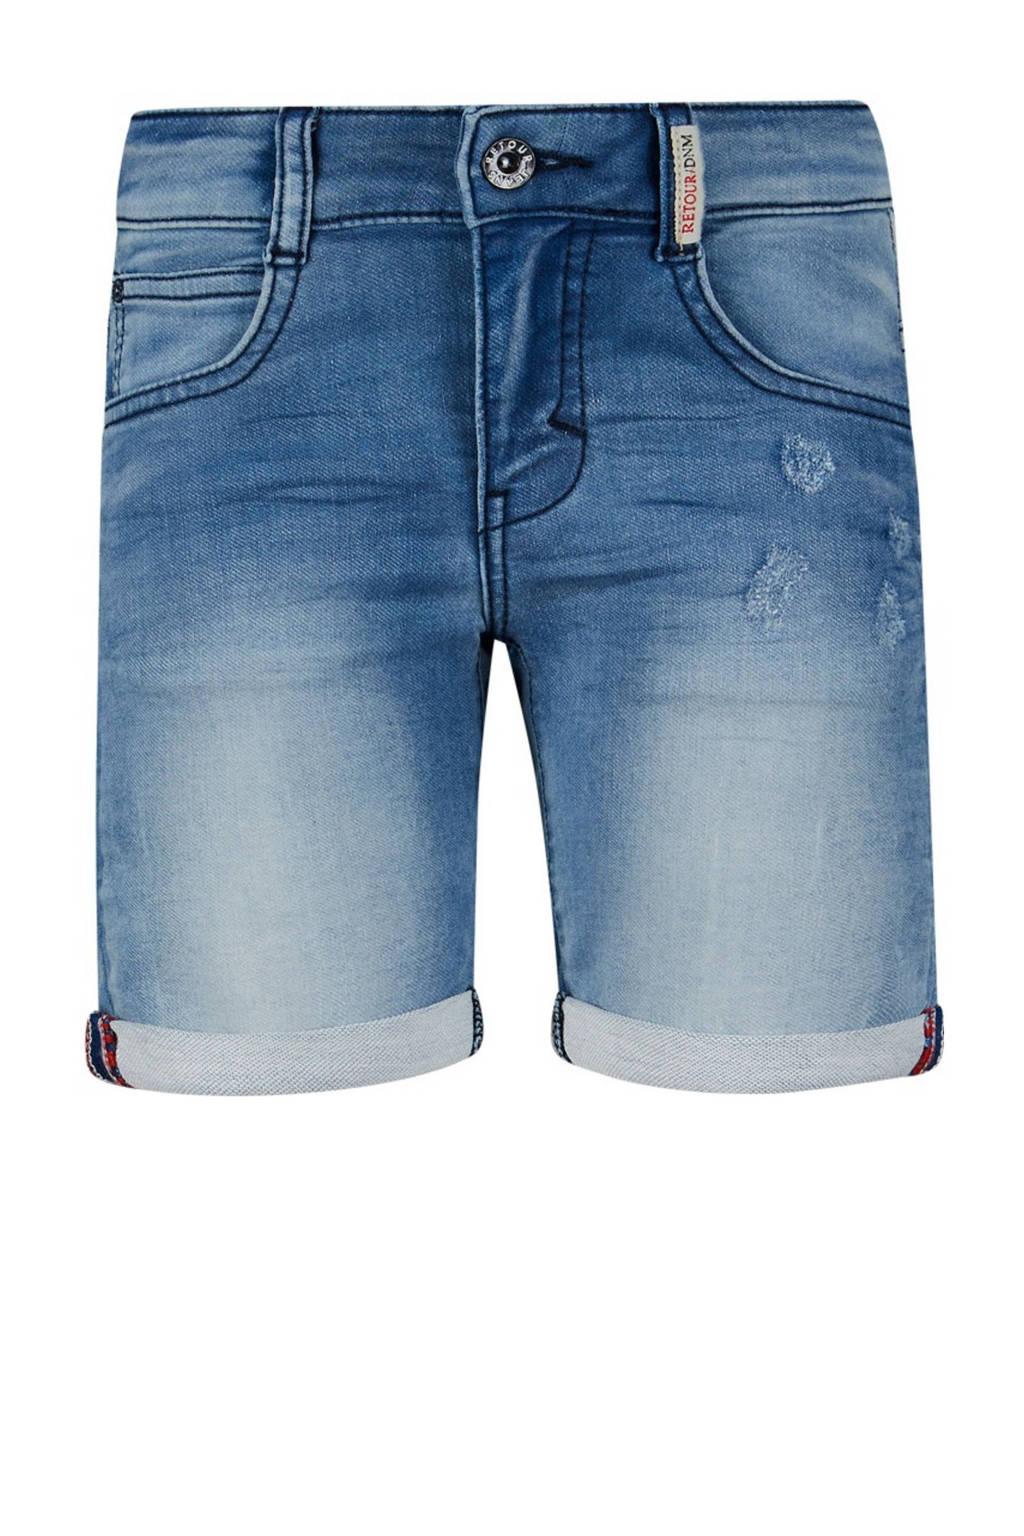 Retour Denim regular fit jeans bermuda Loek light blue denim, Light blue denim